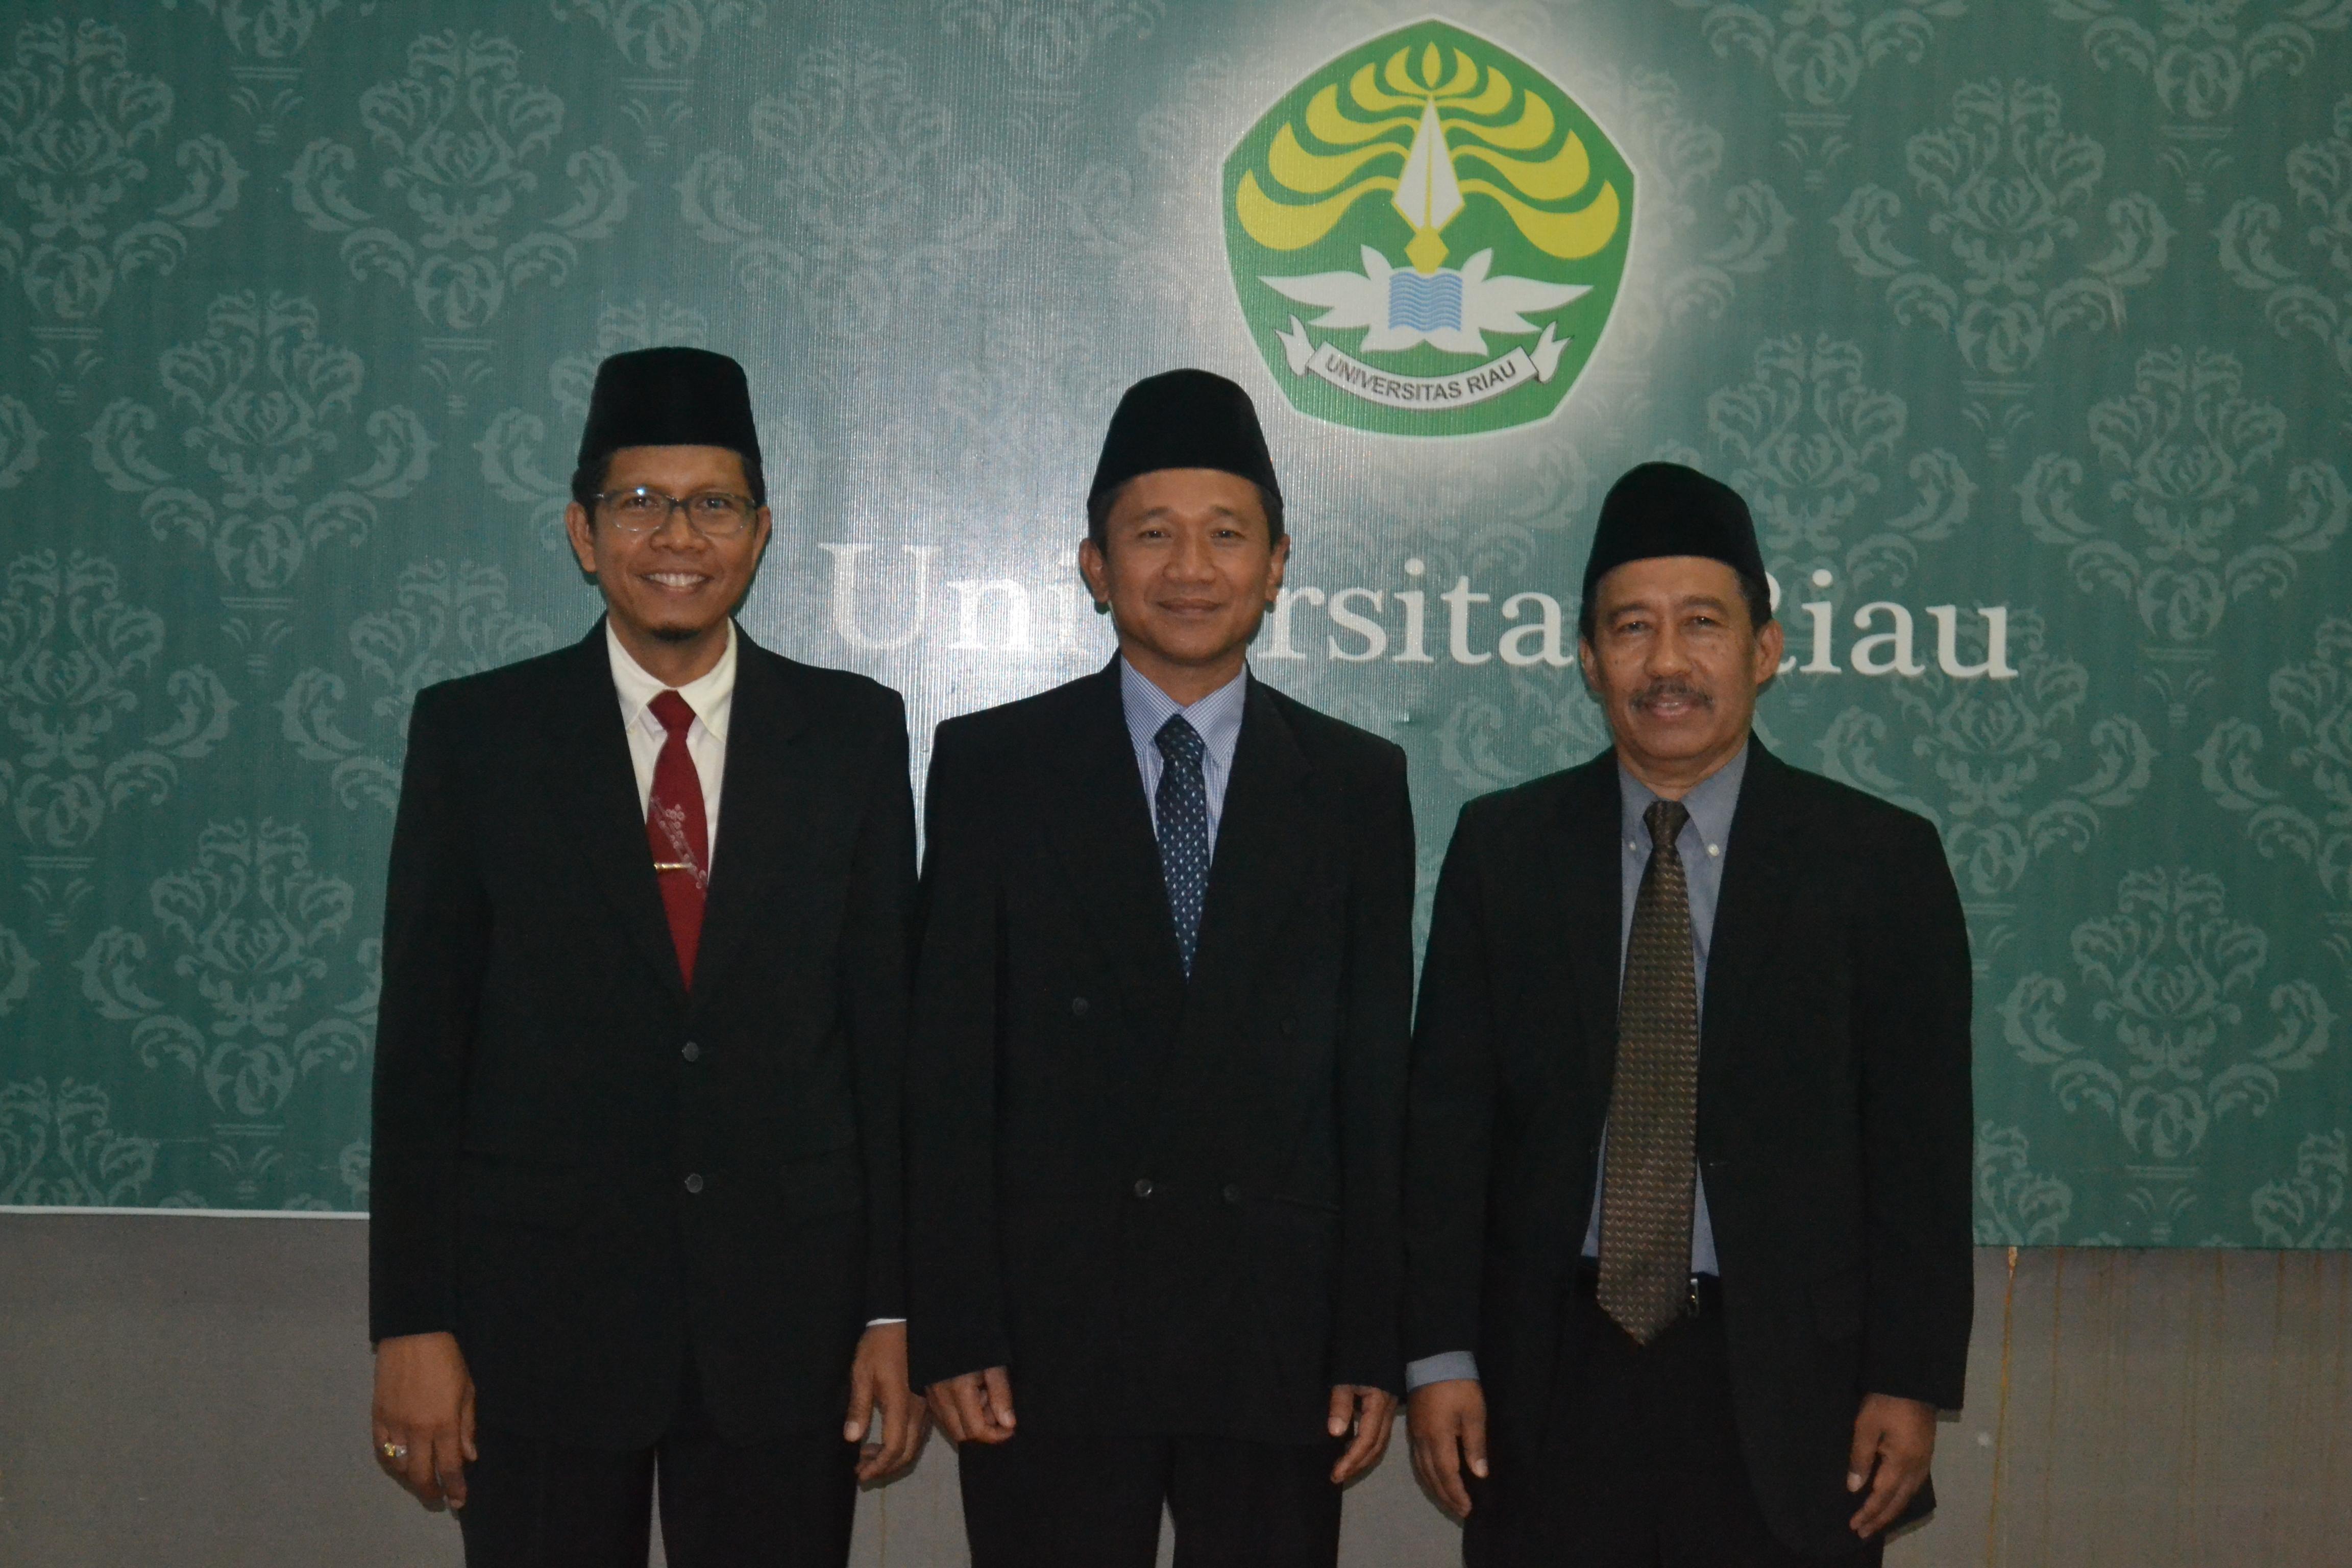 Pelantikan Pejabat di Lingkungan Fakultas Teknik UR